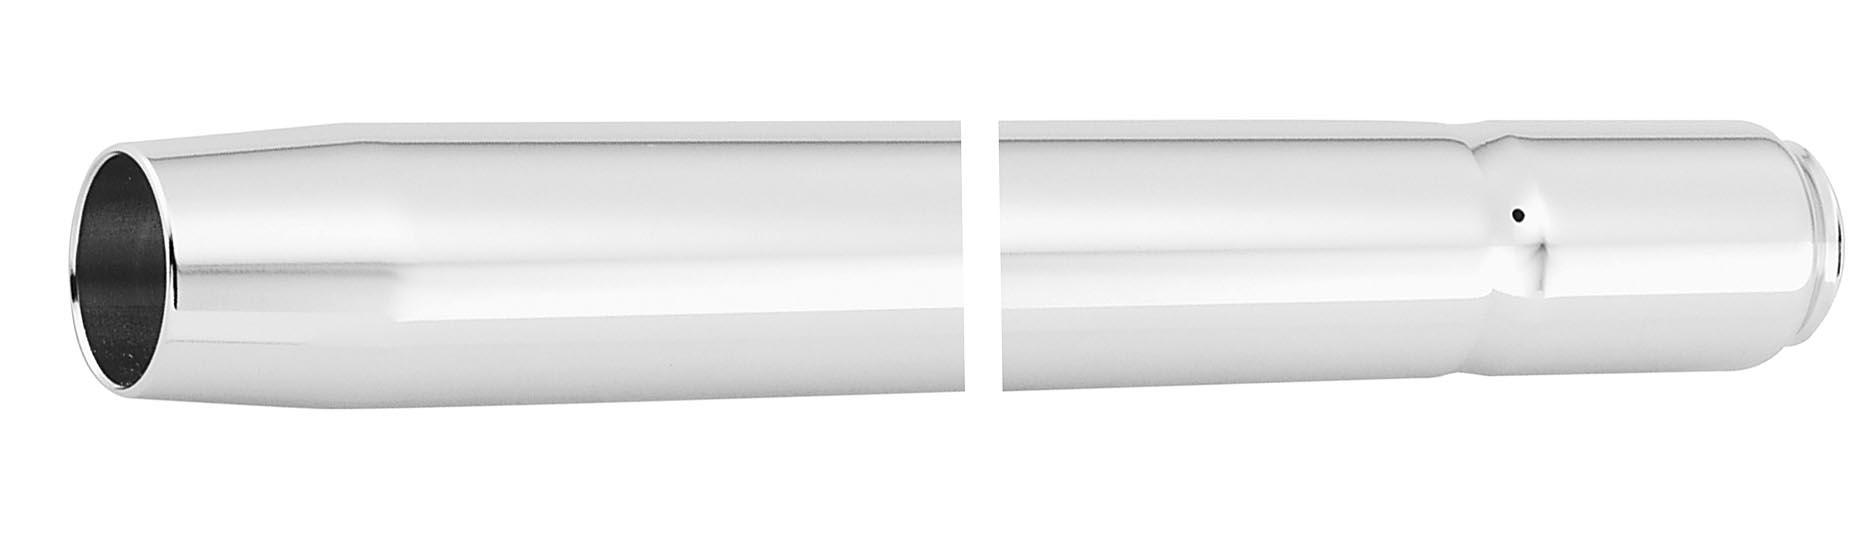 39mm Fork Tubes